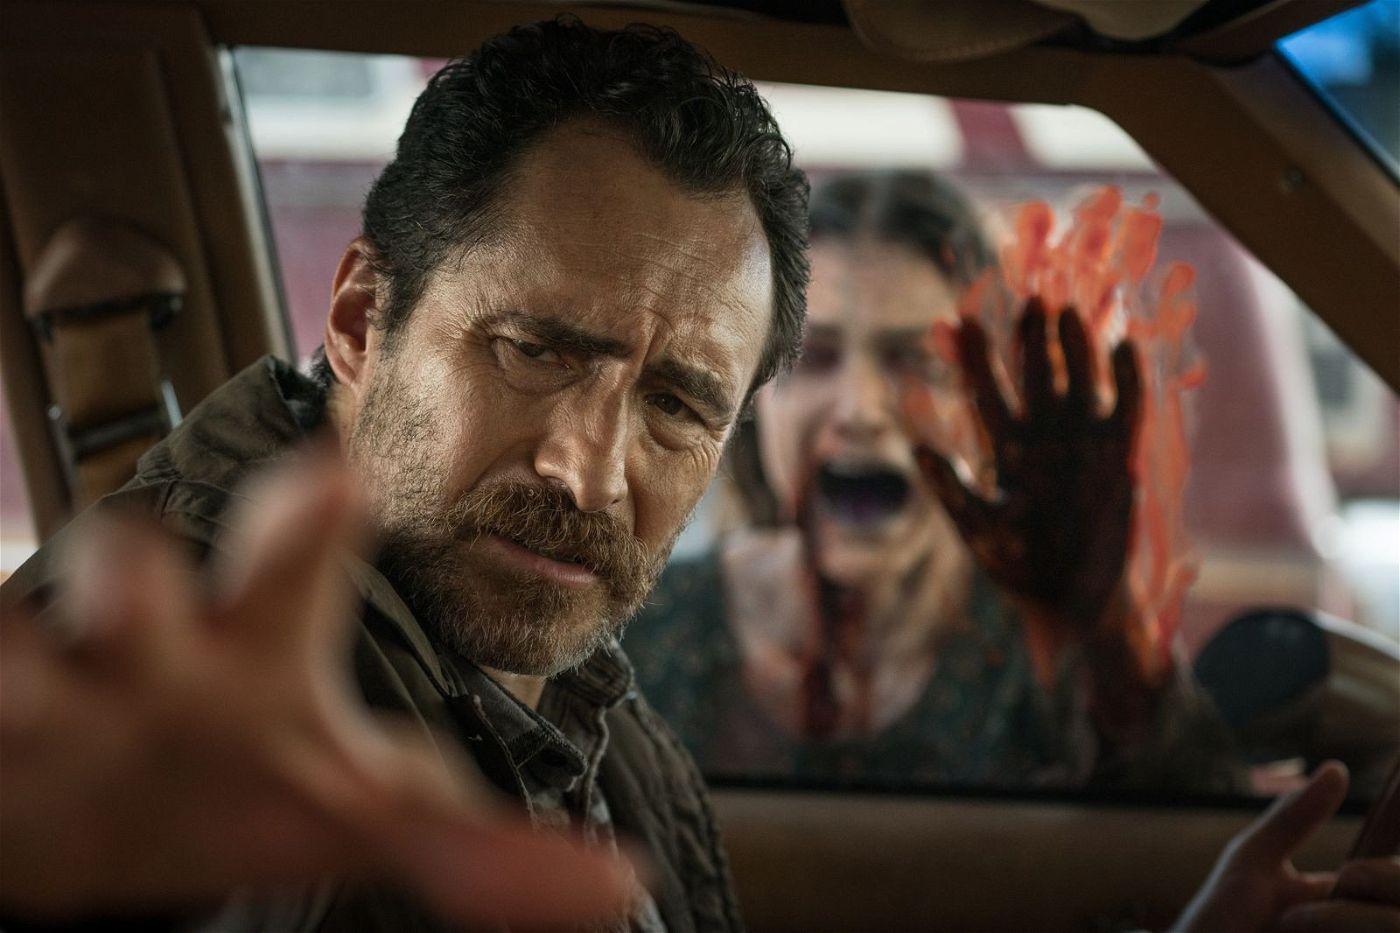 Detective Goodman (Demián Bichir) begegnet dem Geist der verstorbenen Fiona Landers (Tara Westwood).